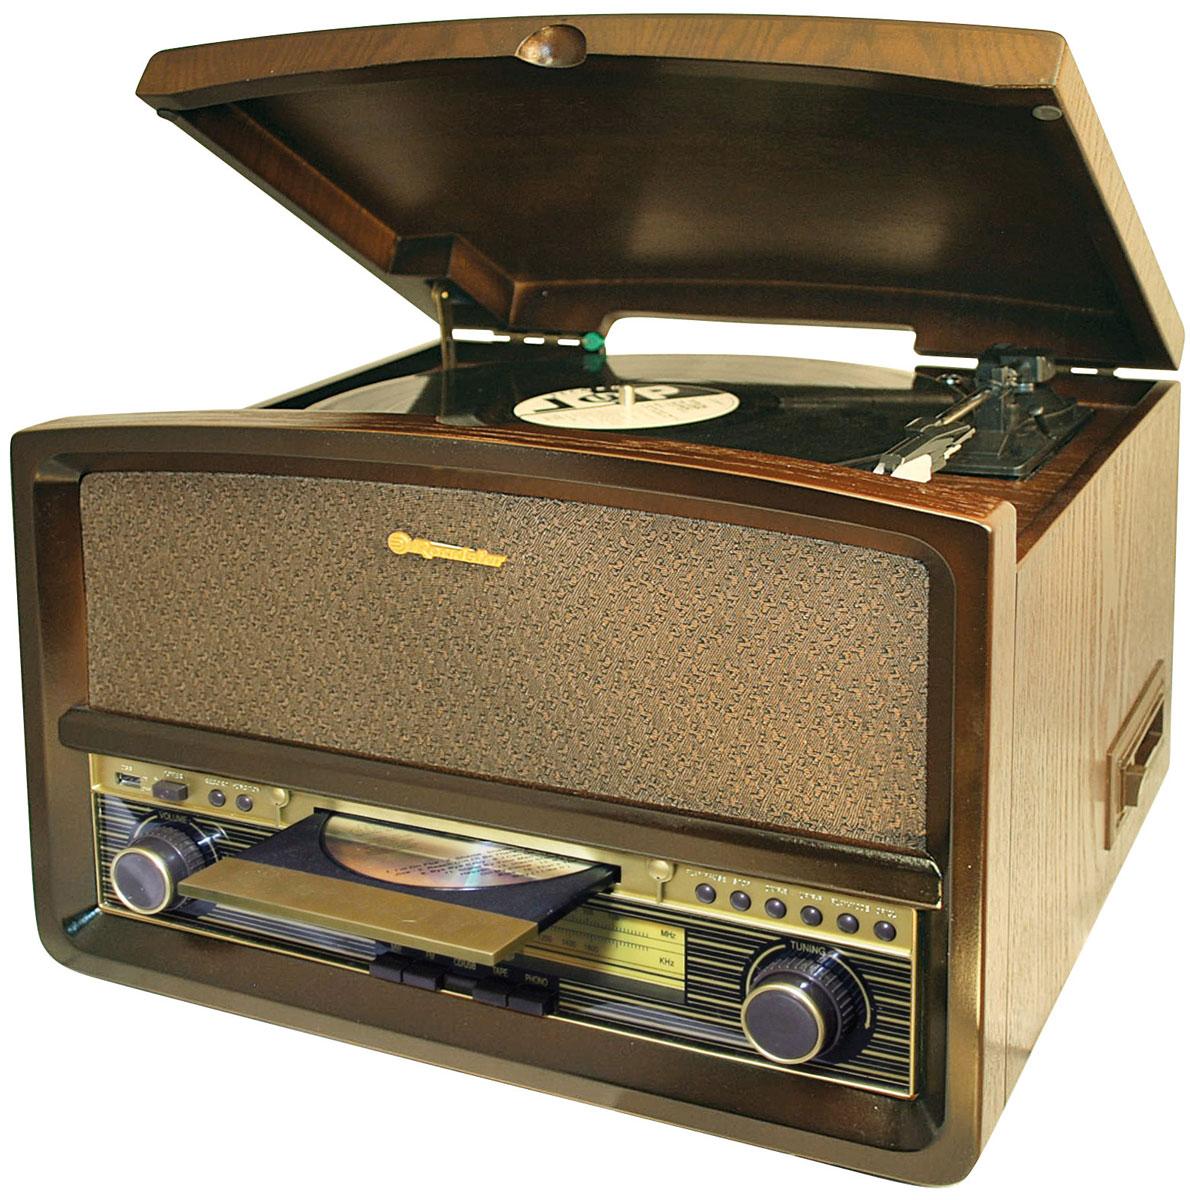 RoadStar HIF-1937TUMPK проигрыватель виниловых дисков1937TUMPKRoadStar HIF-1937TUMPK - оригинальный проигрыватель виниловых пластинок с функцией воспроизведения MP3 файлов с USB флэш-накопителей, воспроизведением аудиокассет, CD дисков и возможностью прослушивания радиостанций в диапазоне FM/MW. Проигрыватель воспроизводит пластинки практически всех типов, а благодаря встроенным стереодинамикам вы сможете слушать музыку без подключения его к акустической системе. Помимо этого он может записывать файлы в MP3 формате на USB накопитель. RoadStar HIF-1937TUMPK безусловно станет актуальным подарком для меломана или просто любителя ретро-дизайна.Выходная мощность: 32 ВтНоминальная выходная мощность (RMS): 2 x 2 Вт